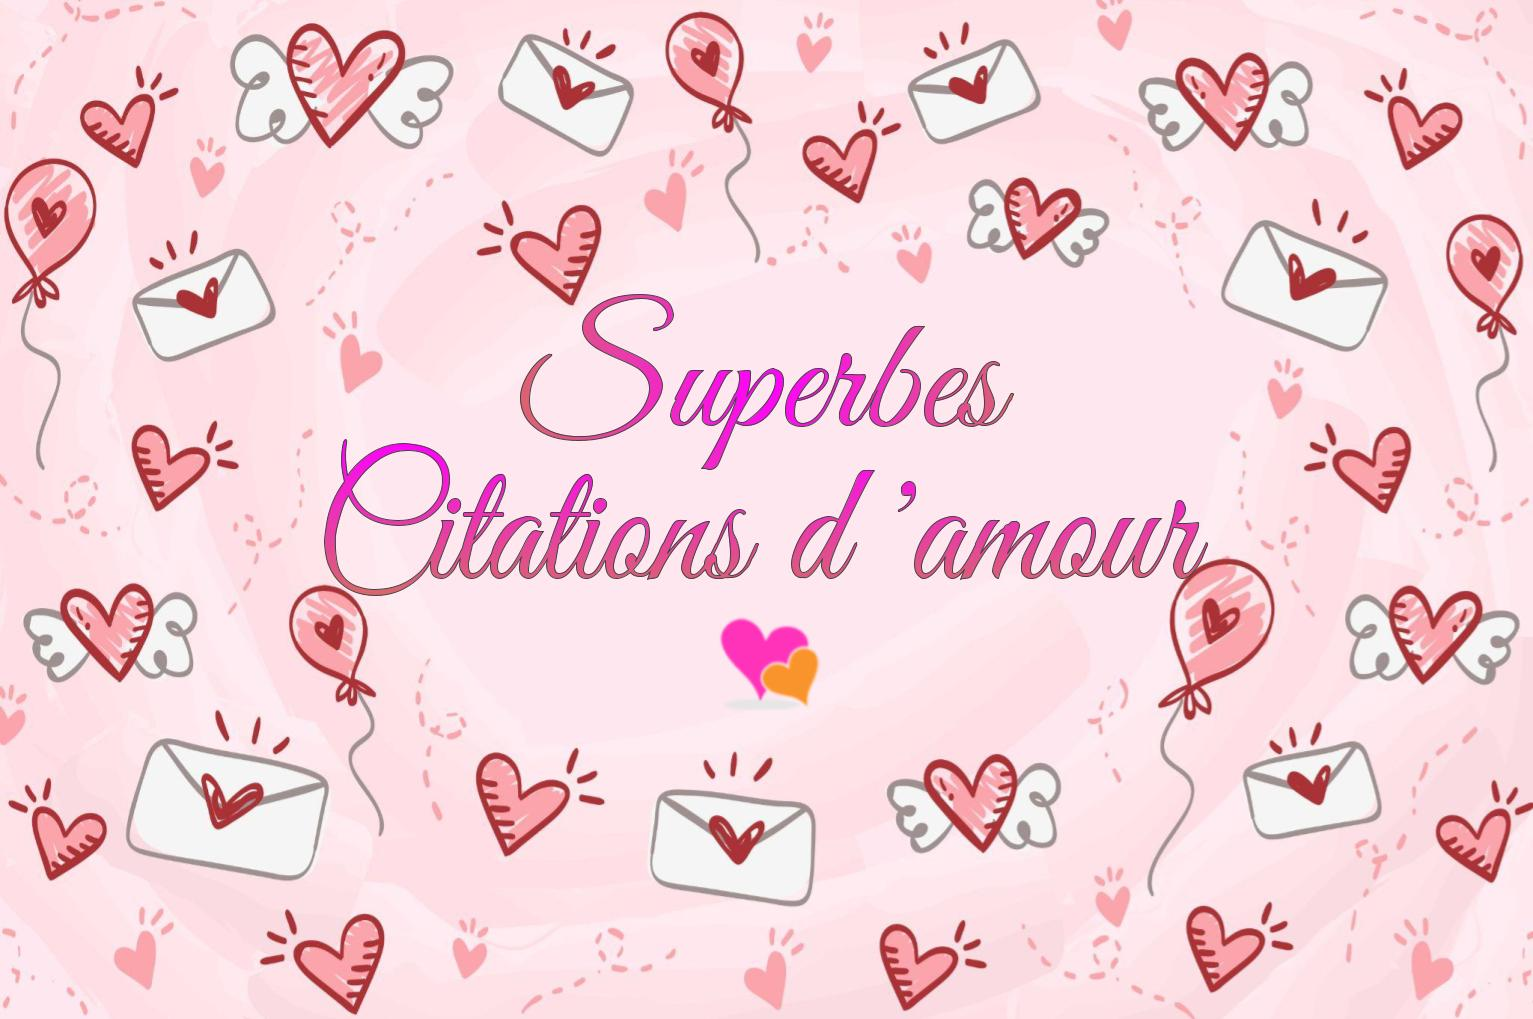 Citations avec proverbes et phrases d'amour